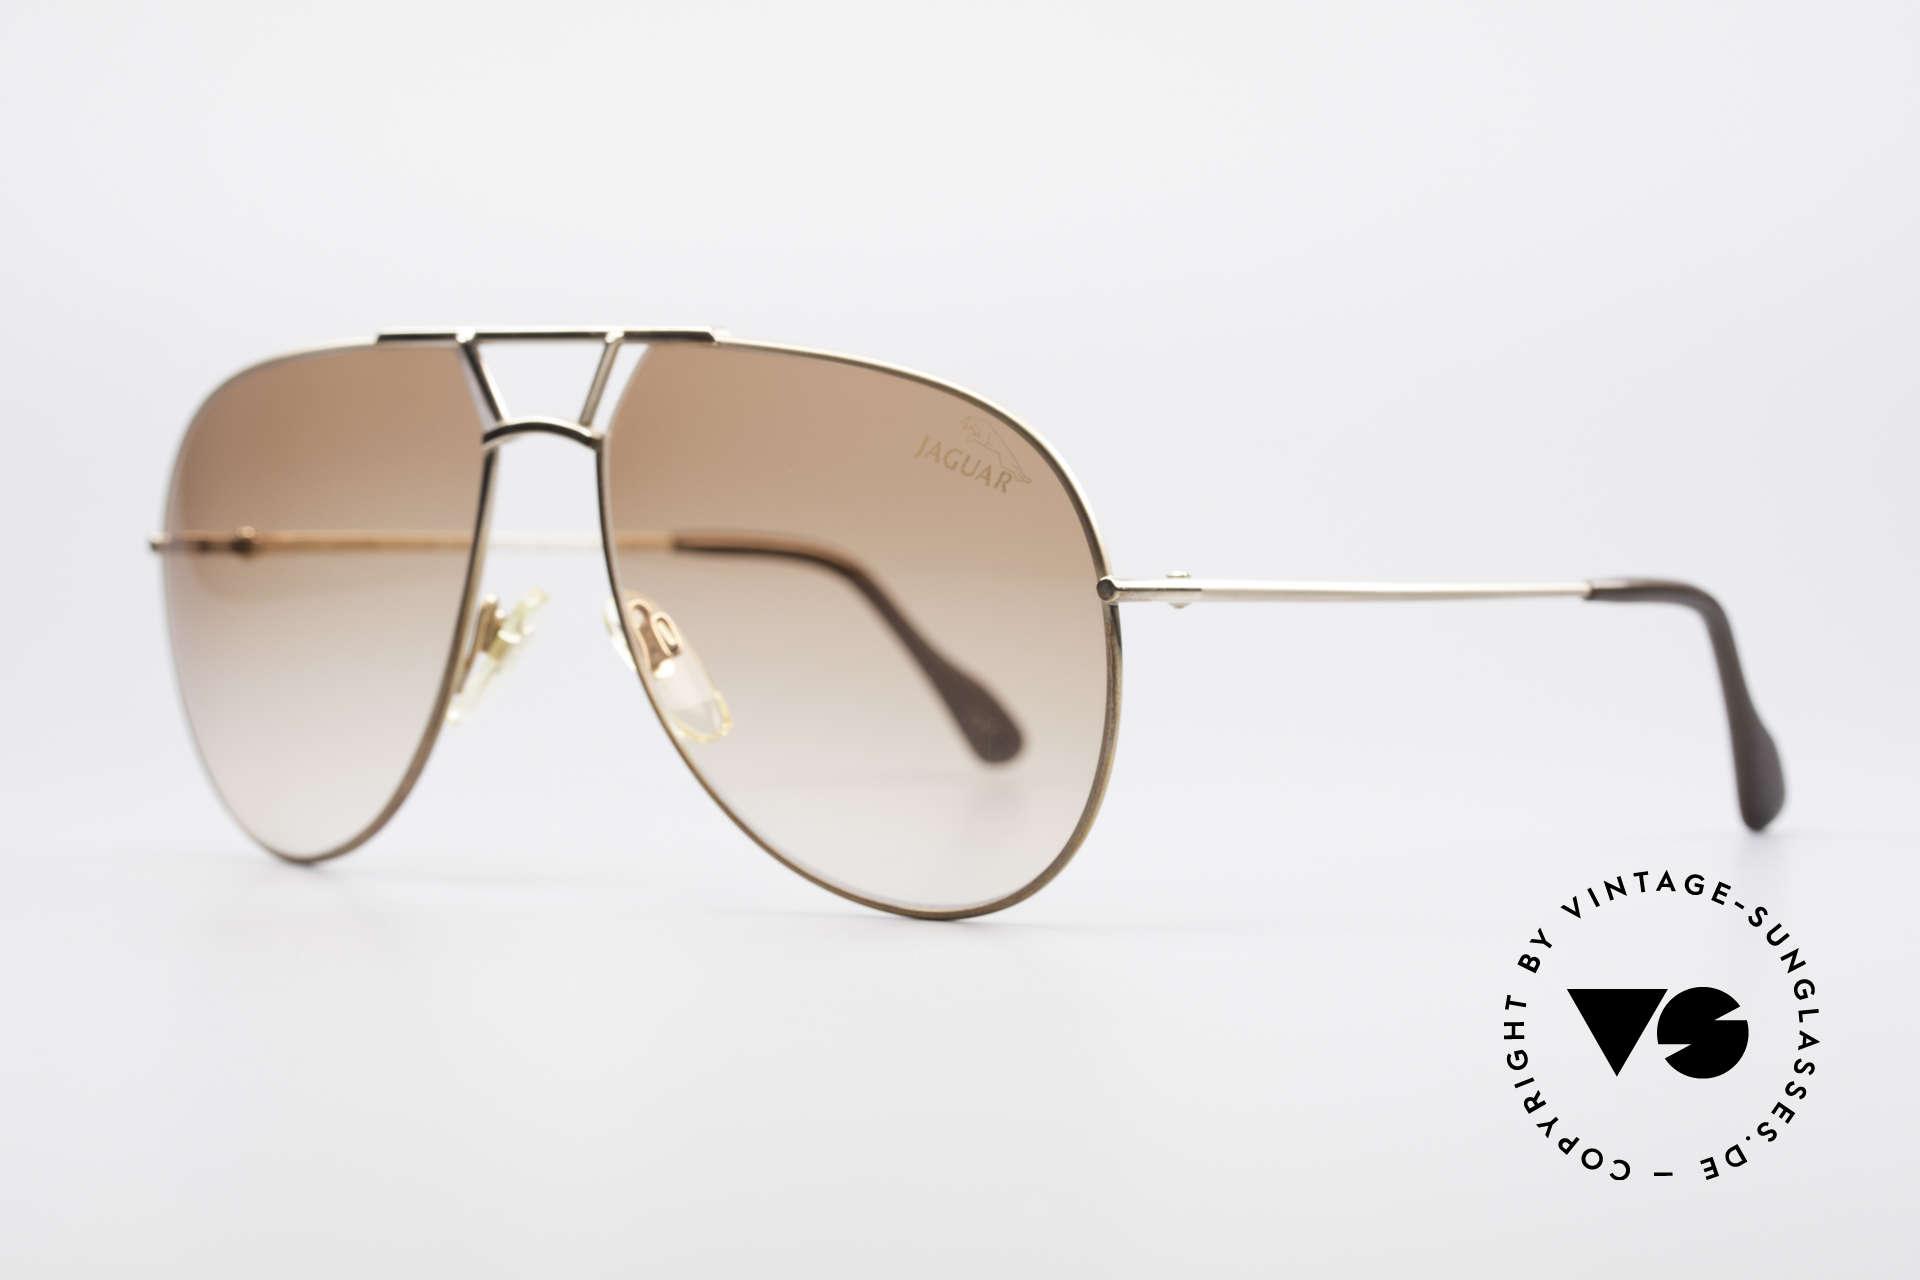 Jaguar 795 Vintage Herren Sonnenbrille, goldene Fassung & Gläser in braun-Verlauf, 100% UV, Passend für Herren